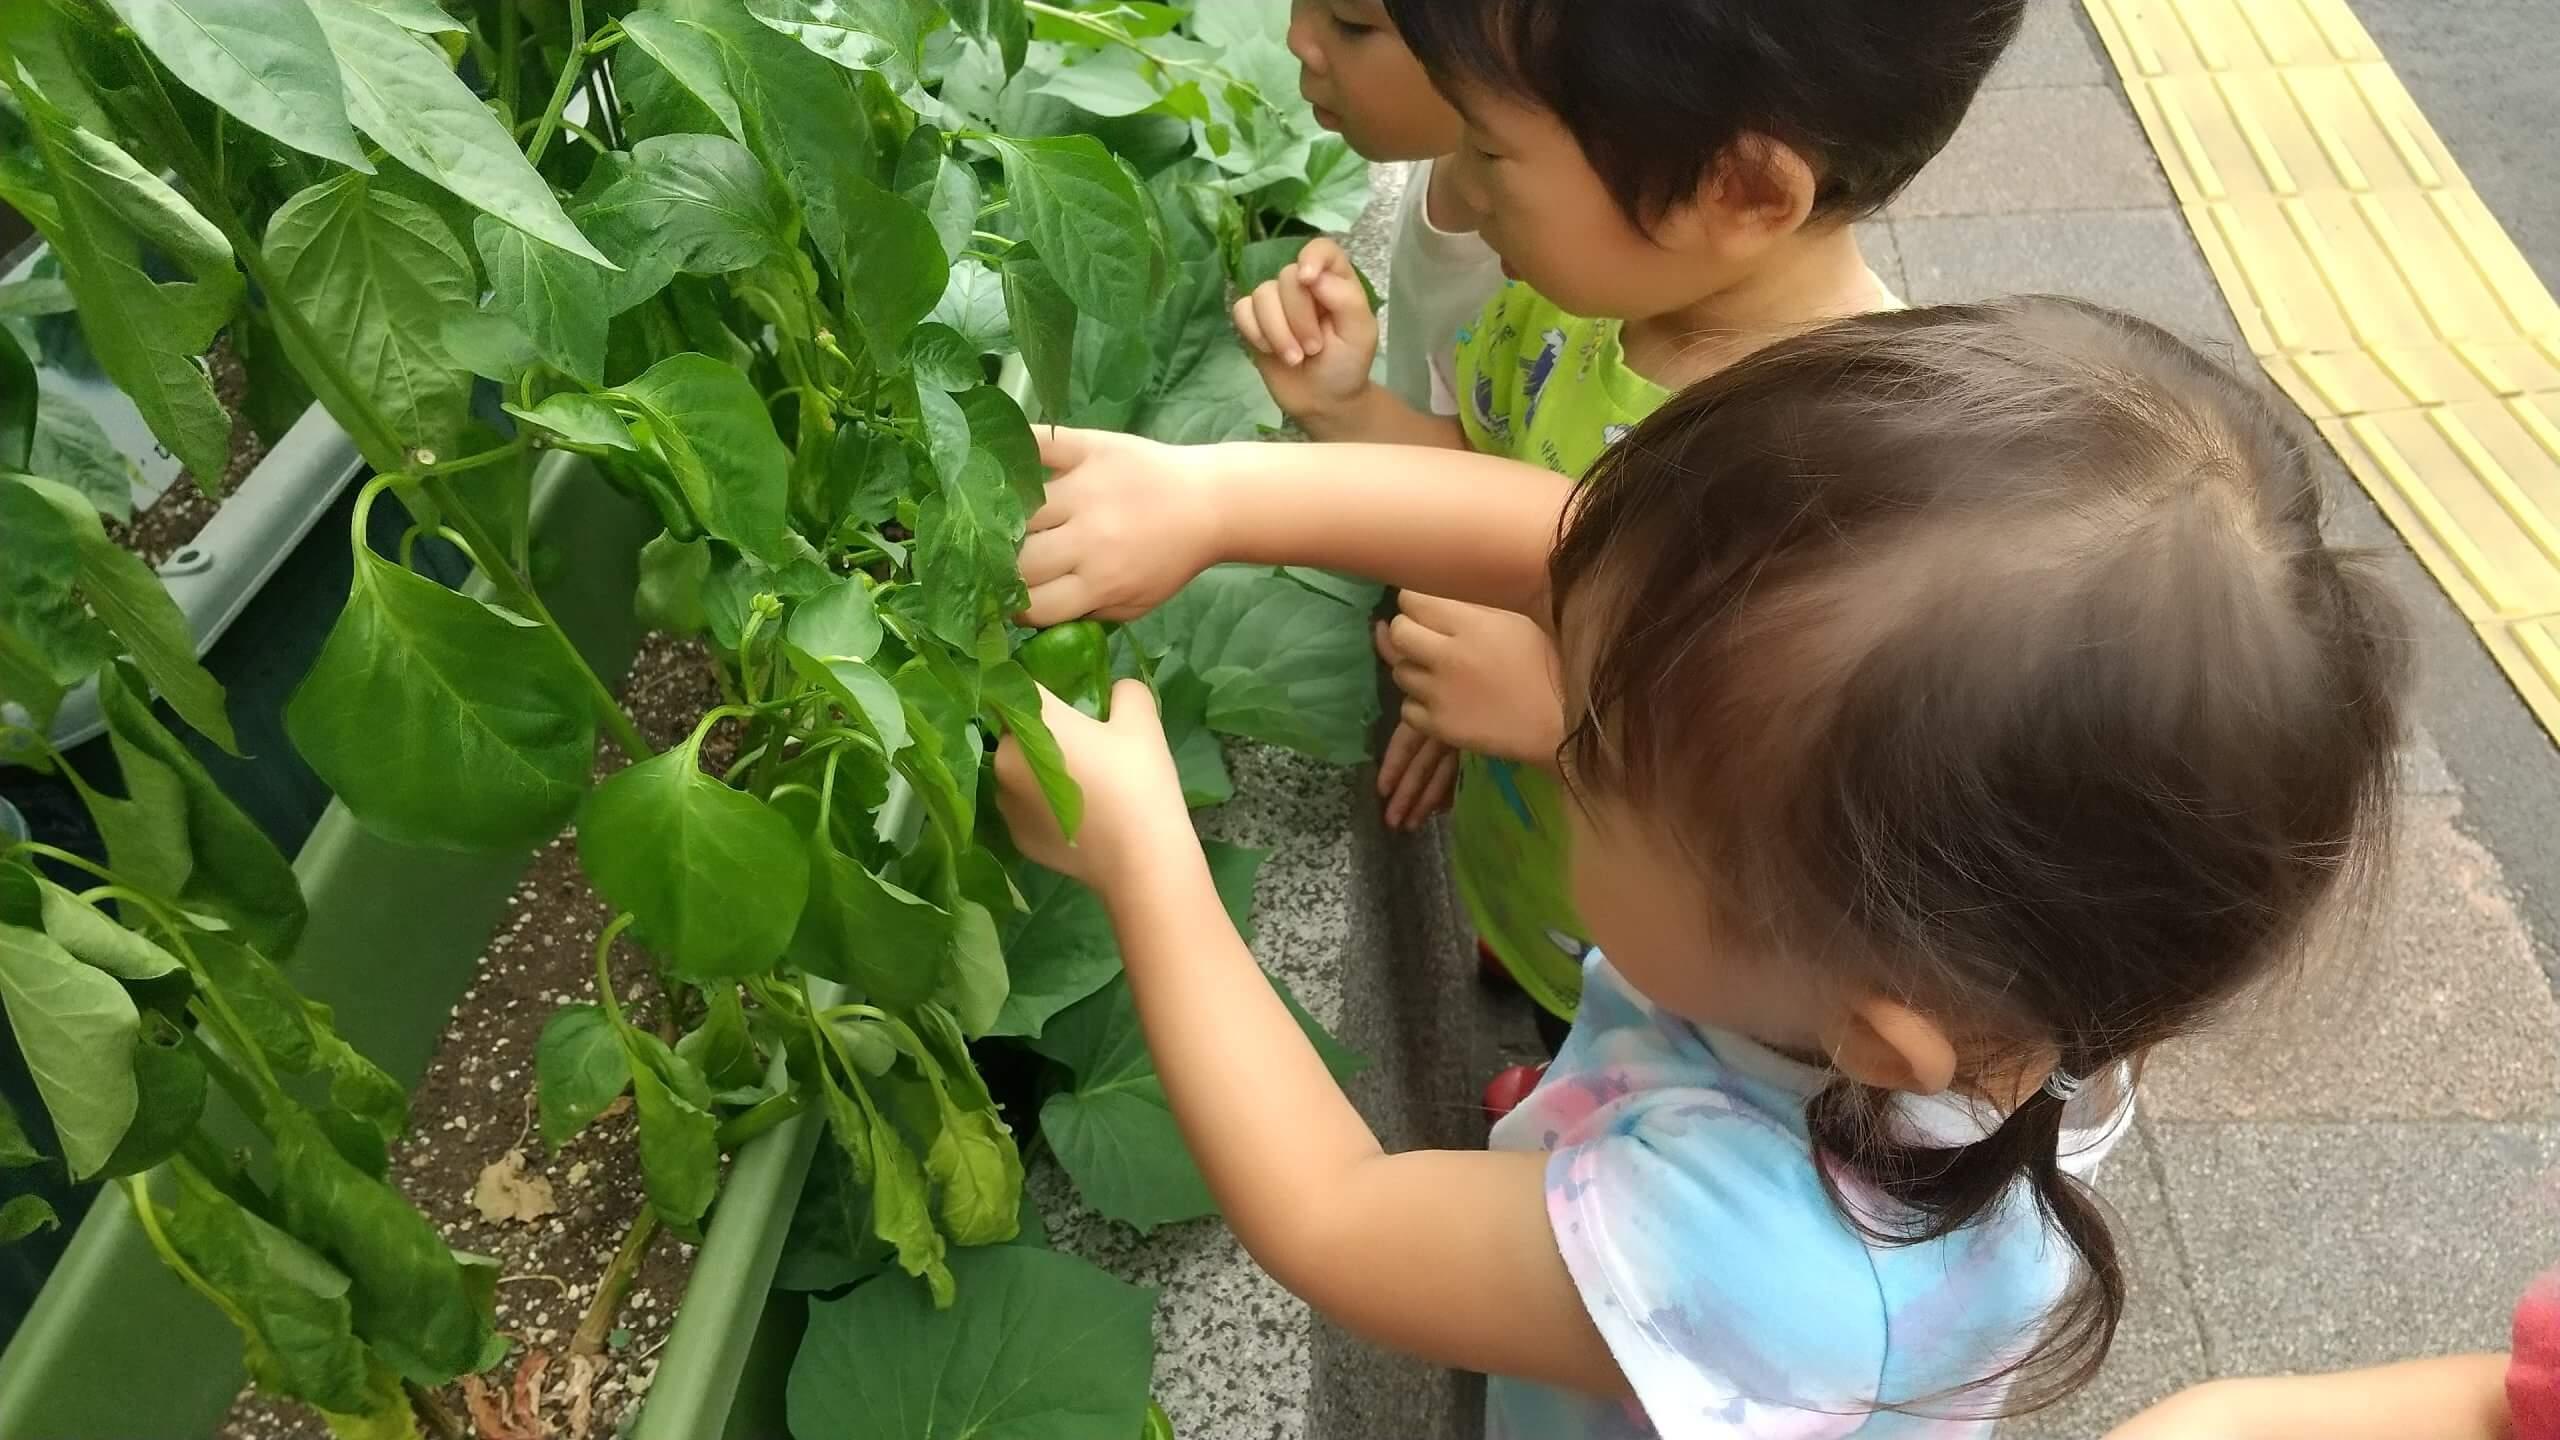 食べきれないほどの夏野菜が実ります。この日はピーマンの収穫です。